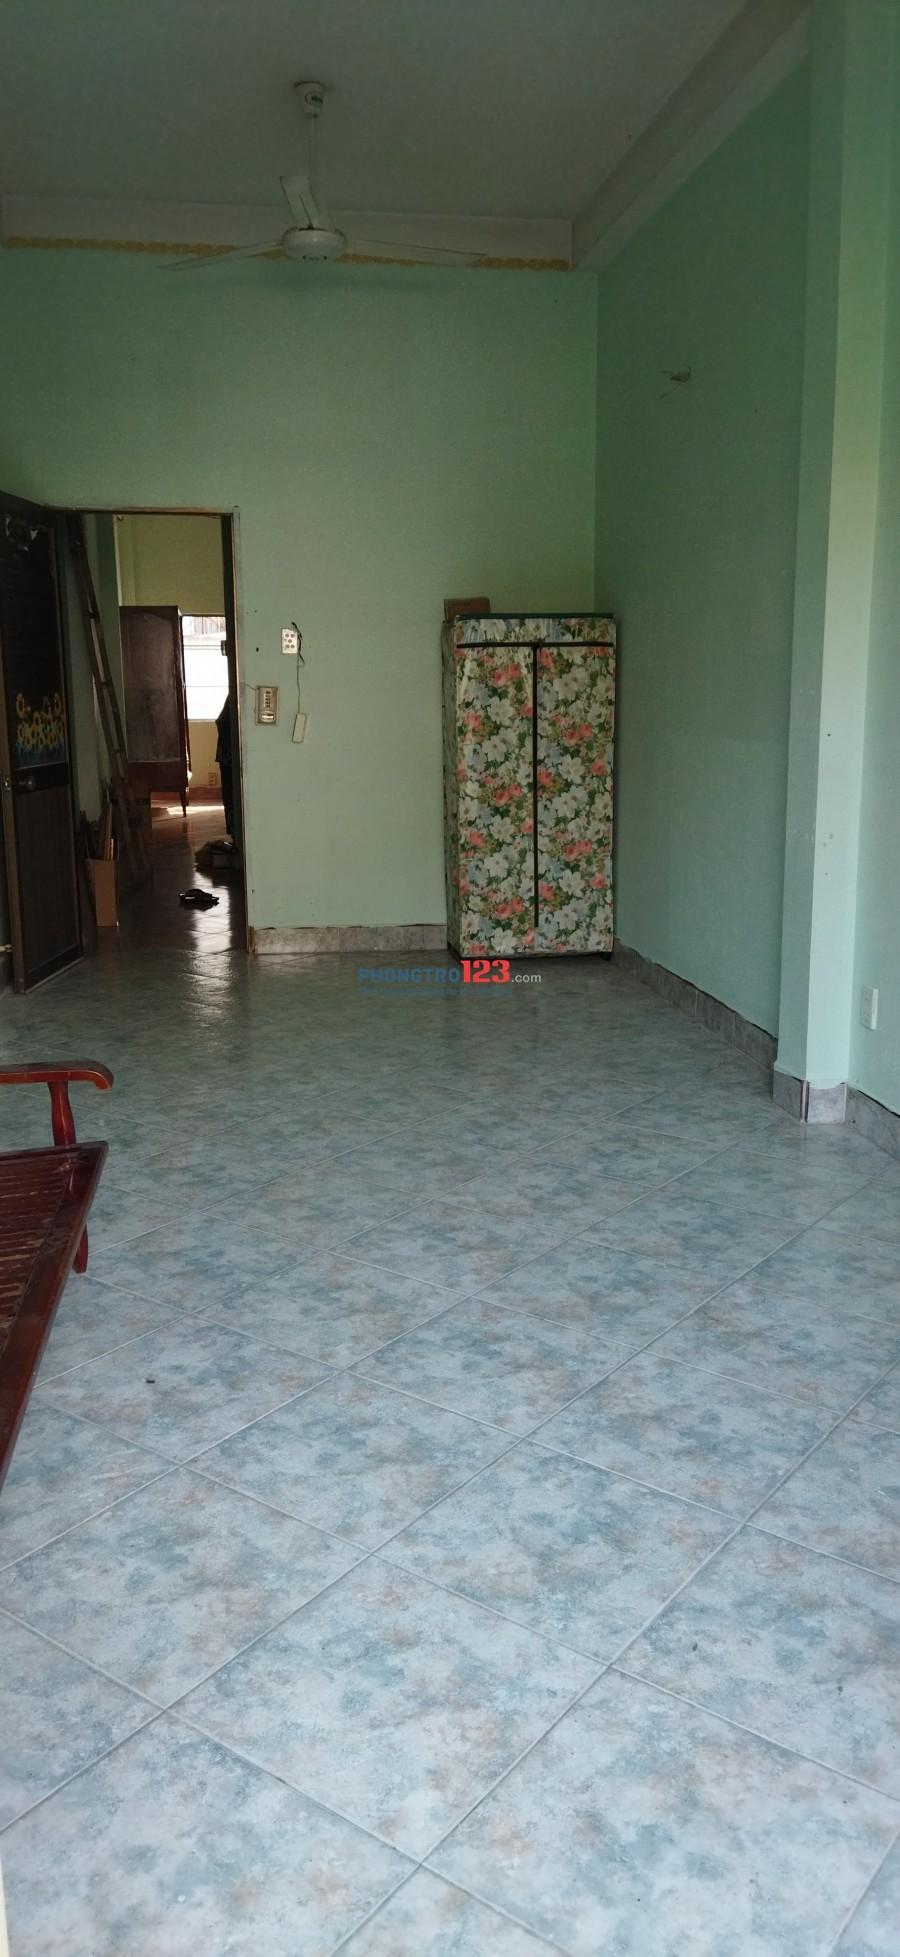 Phòng trọ rộng thoáng mát có ban công nhìn ra đường